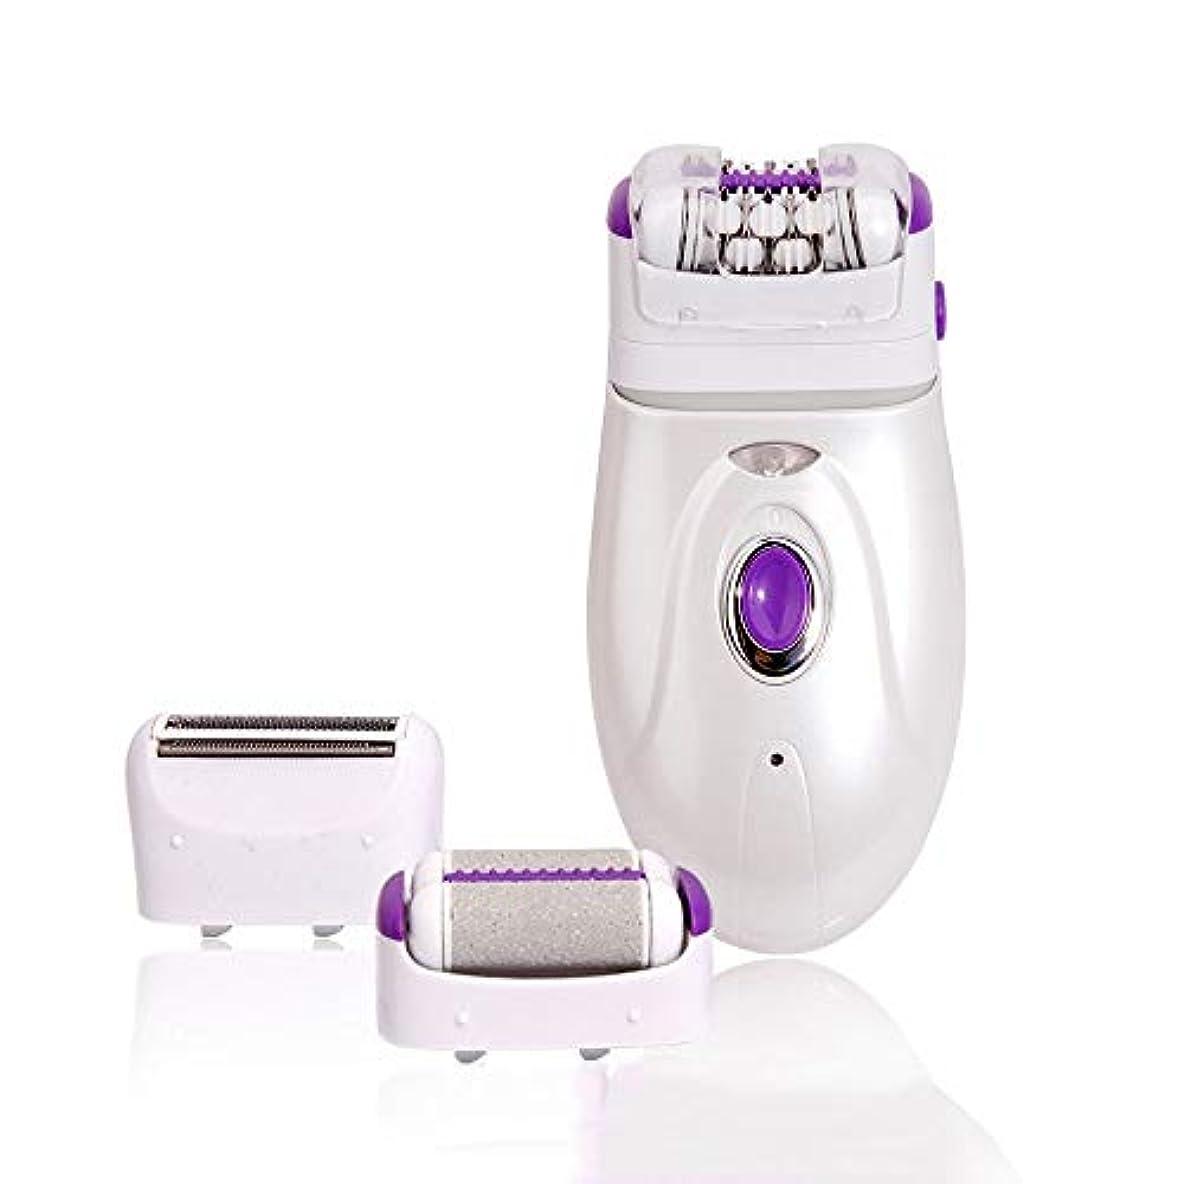 見習いギャングランドリー女性用電気かみそり、女性用充電式脱毛器3 in 1多機能研磨足は、足と体から余分な髪を取り除きます (Color : Purple)